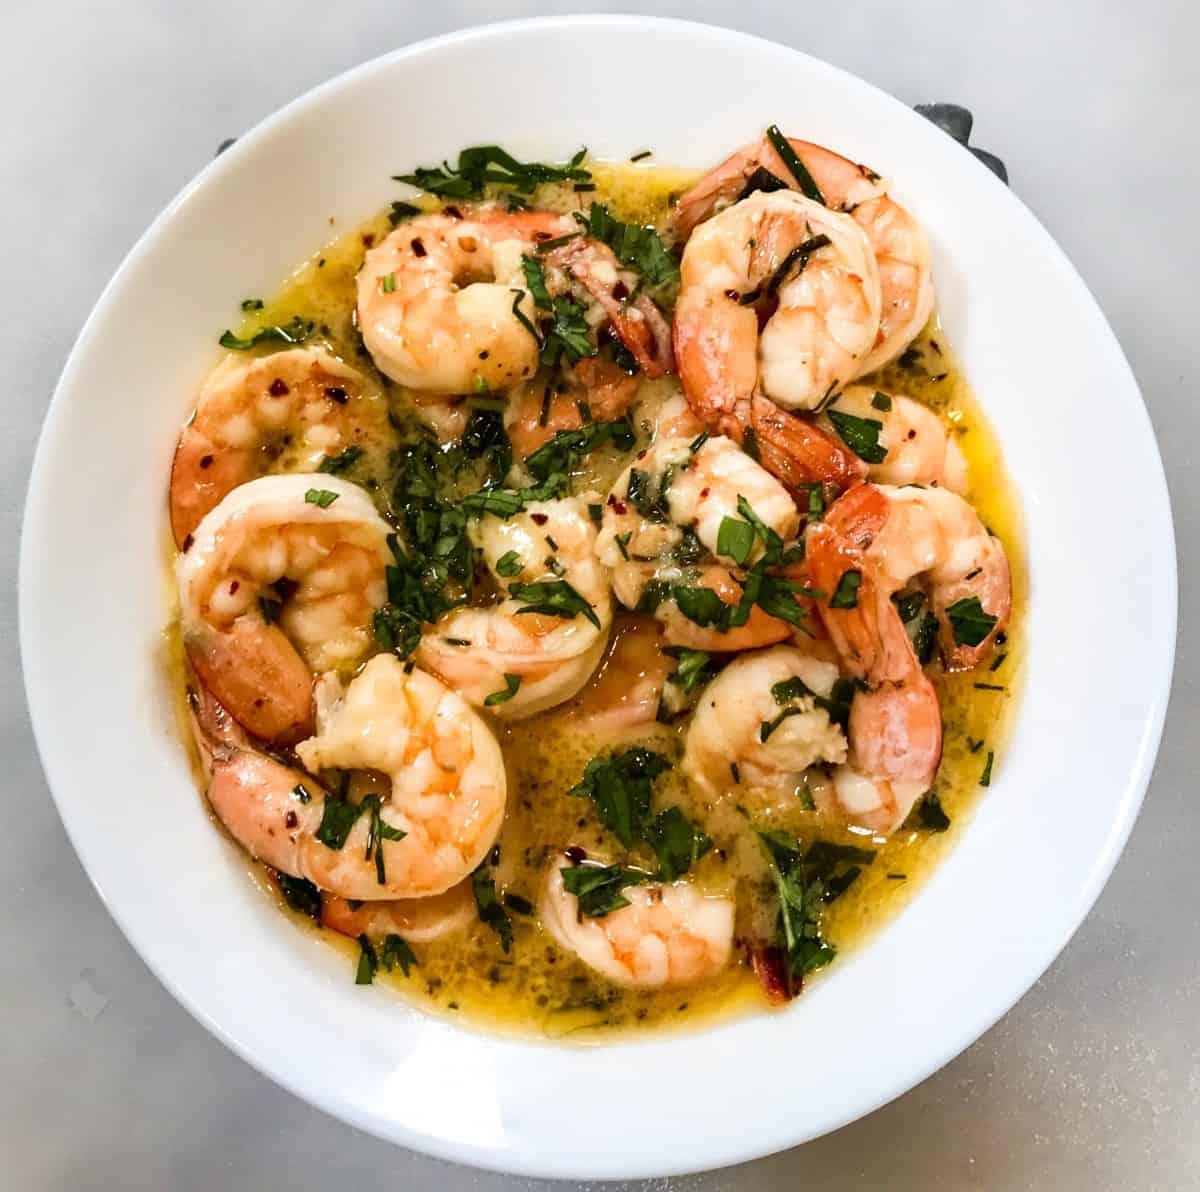 Keto Air Fryer Shrimp Scampi from twosleevers.com on foodiecrush.com